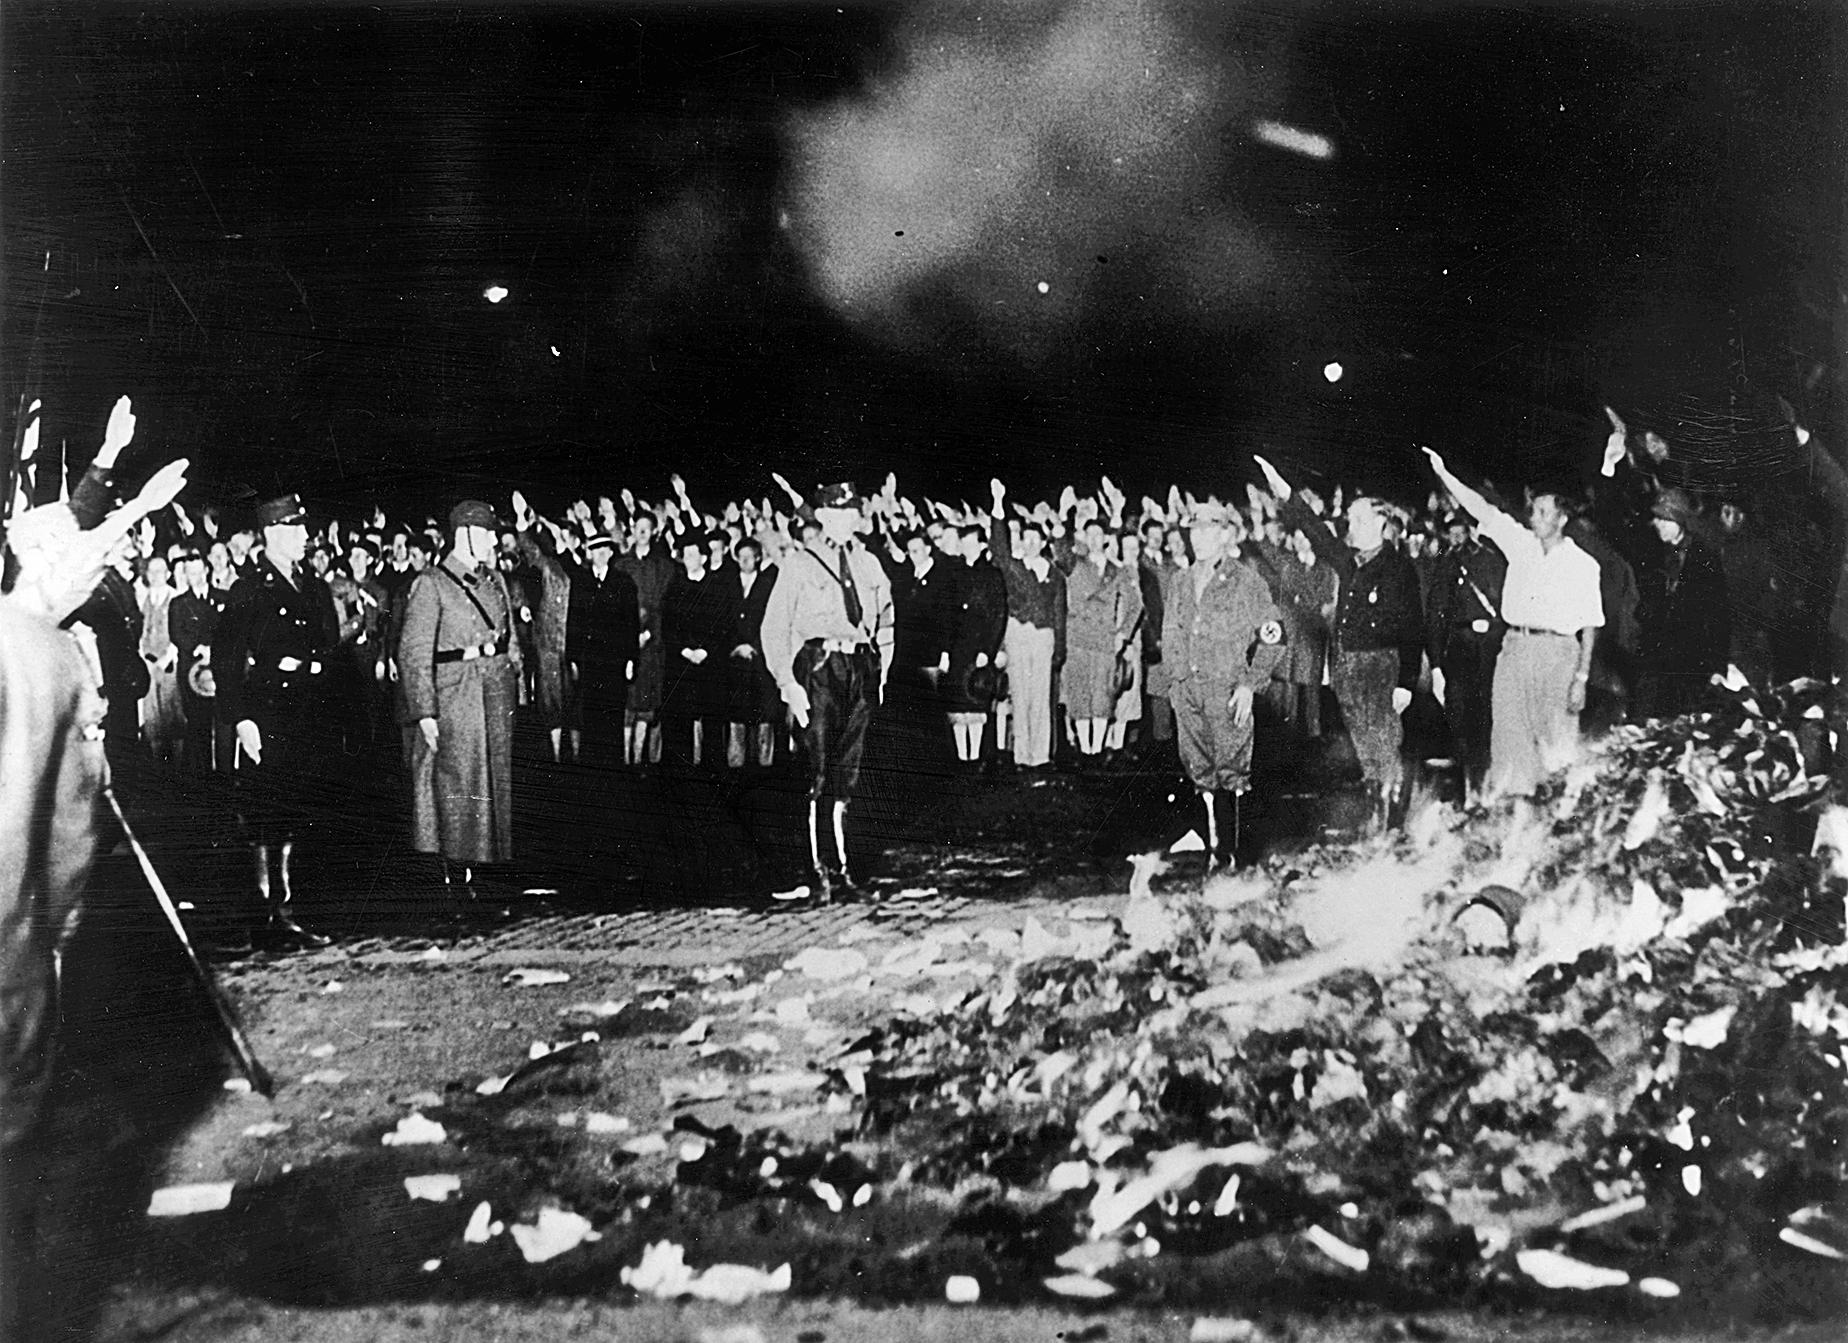 從納粹和蘇共到中共之大規模焚書